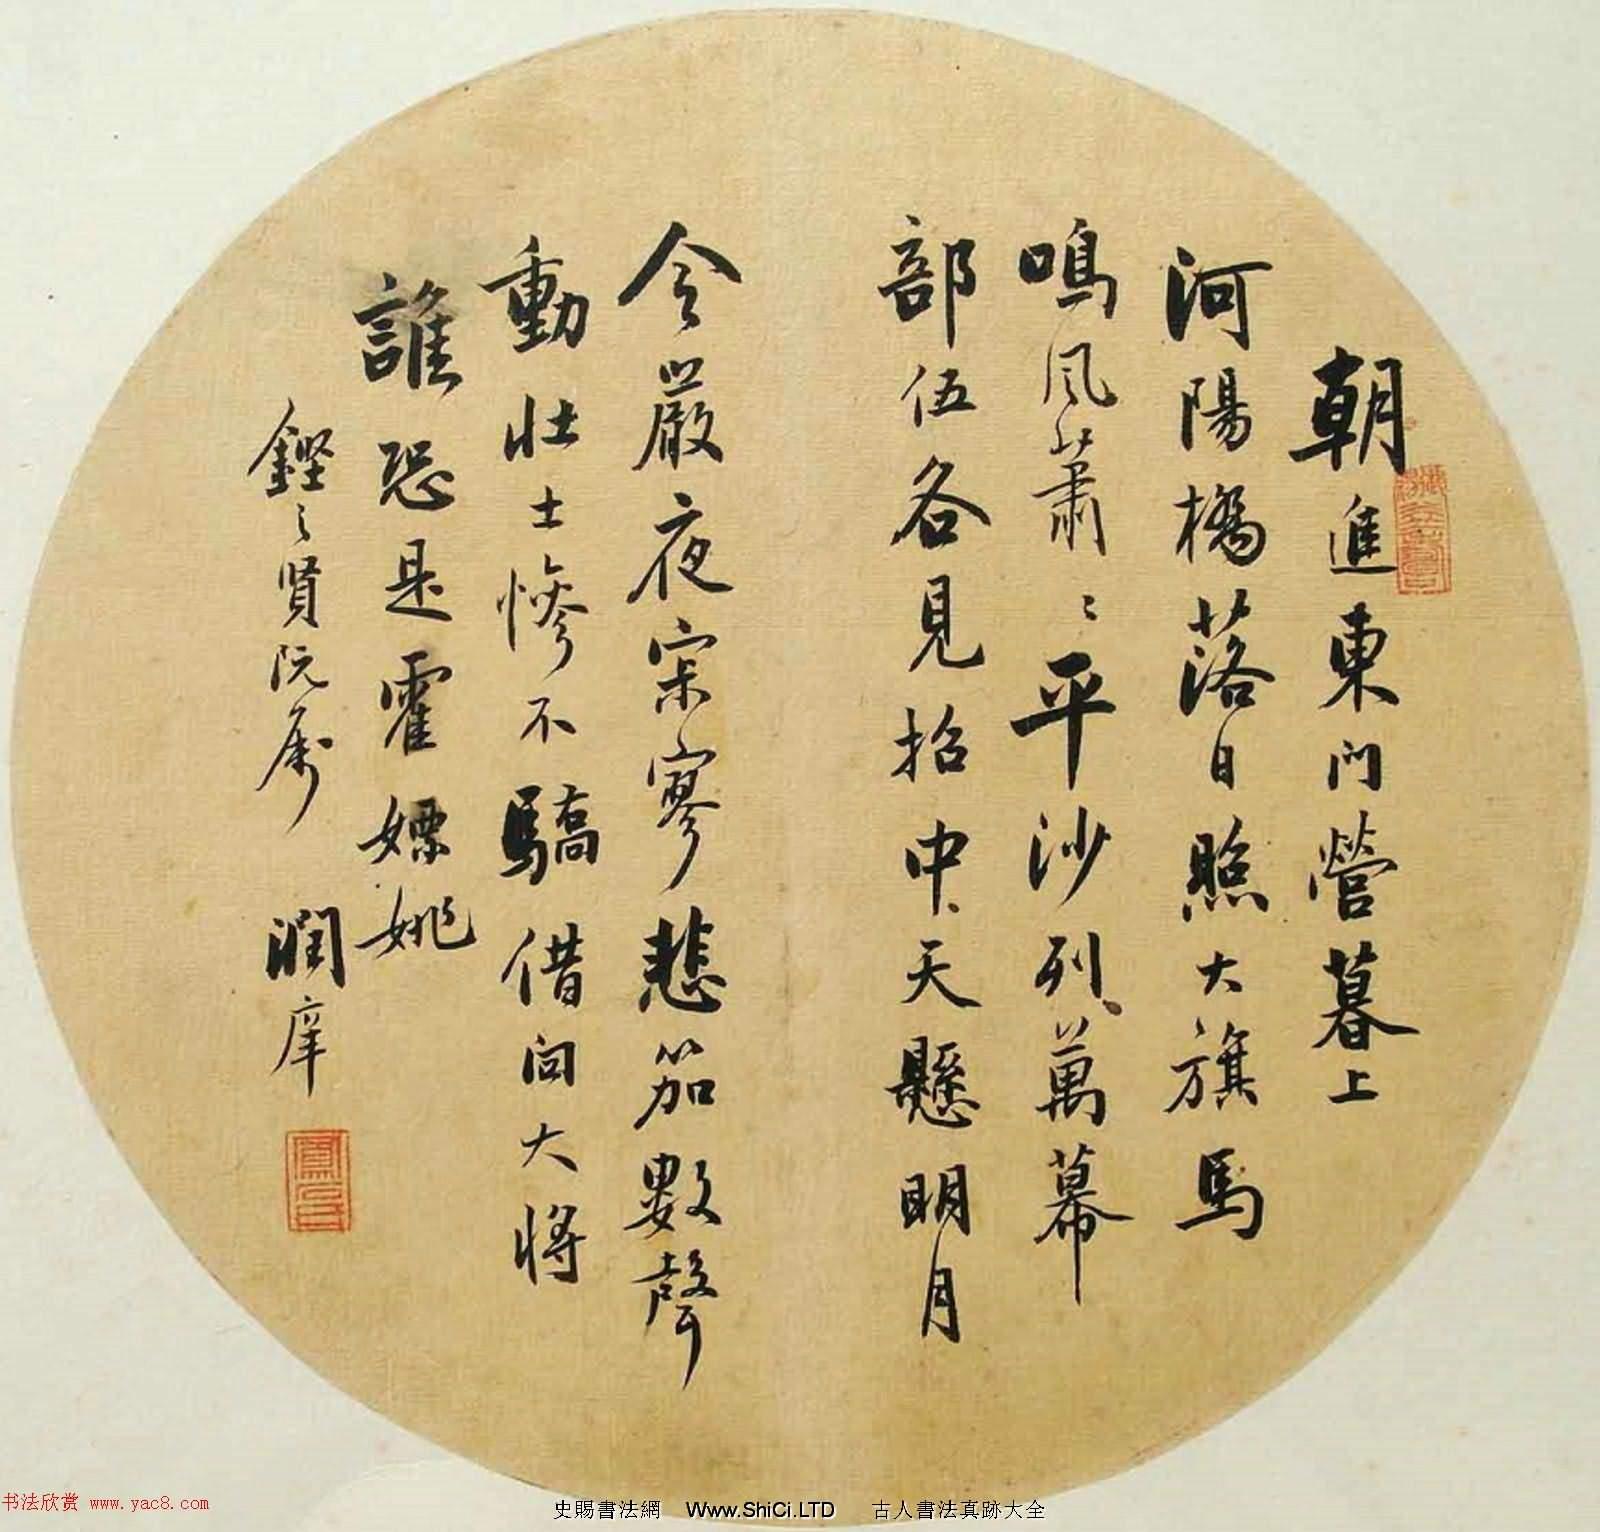 溥儀老師陸潤庠書法作品真跡欣賞(共19張圖片)